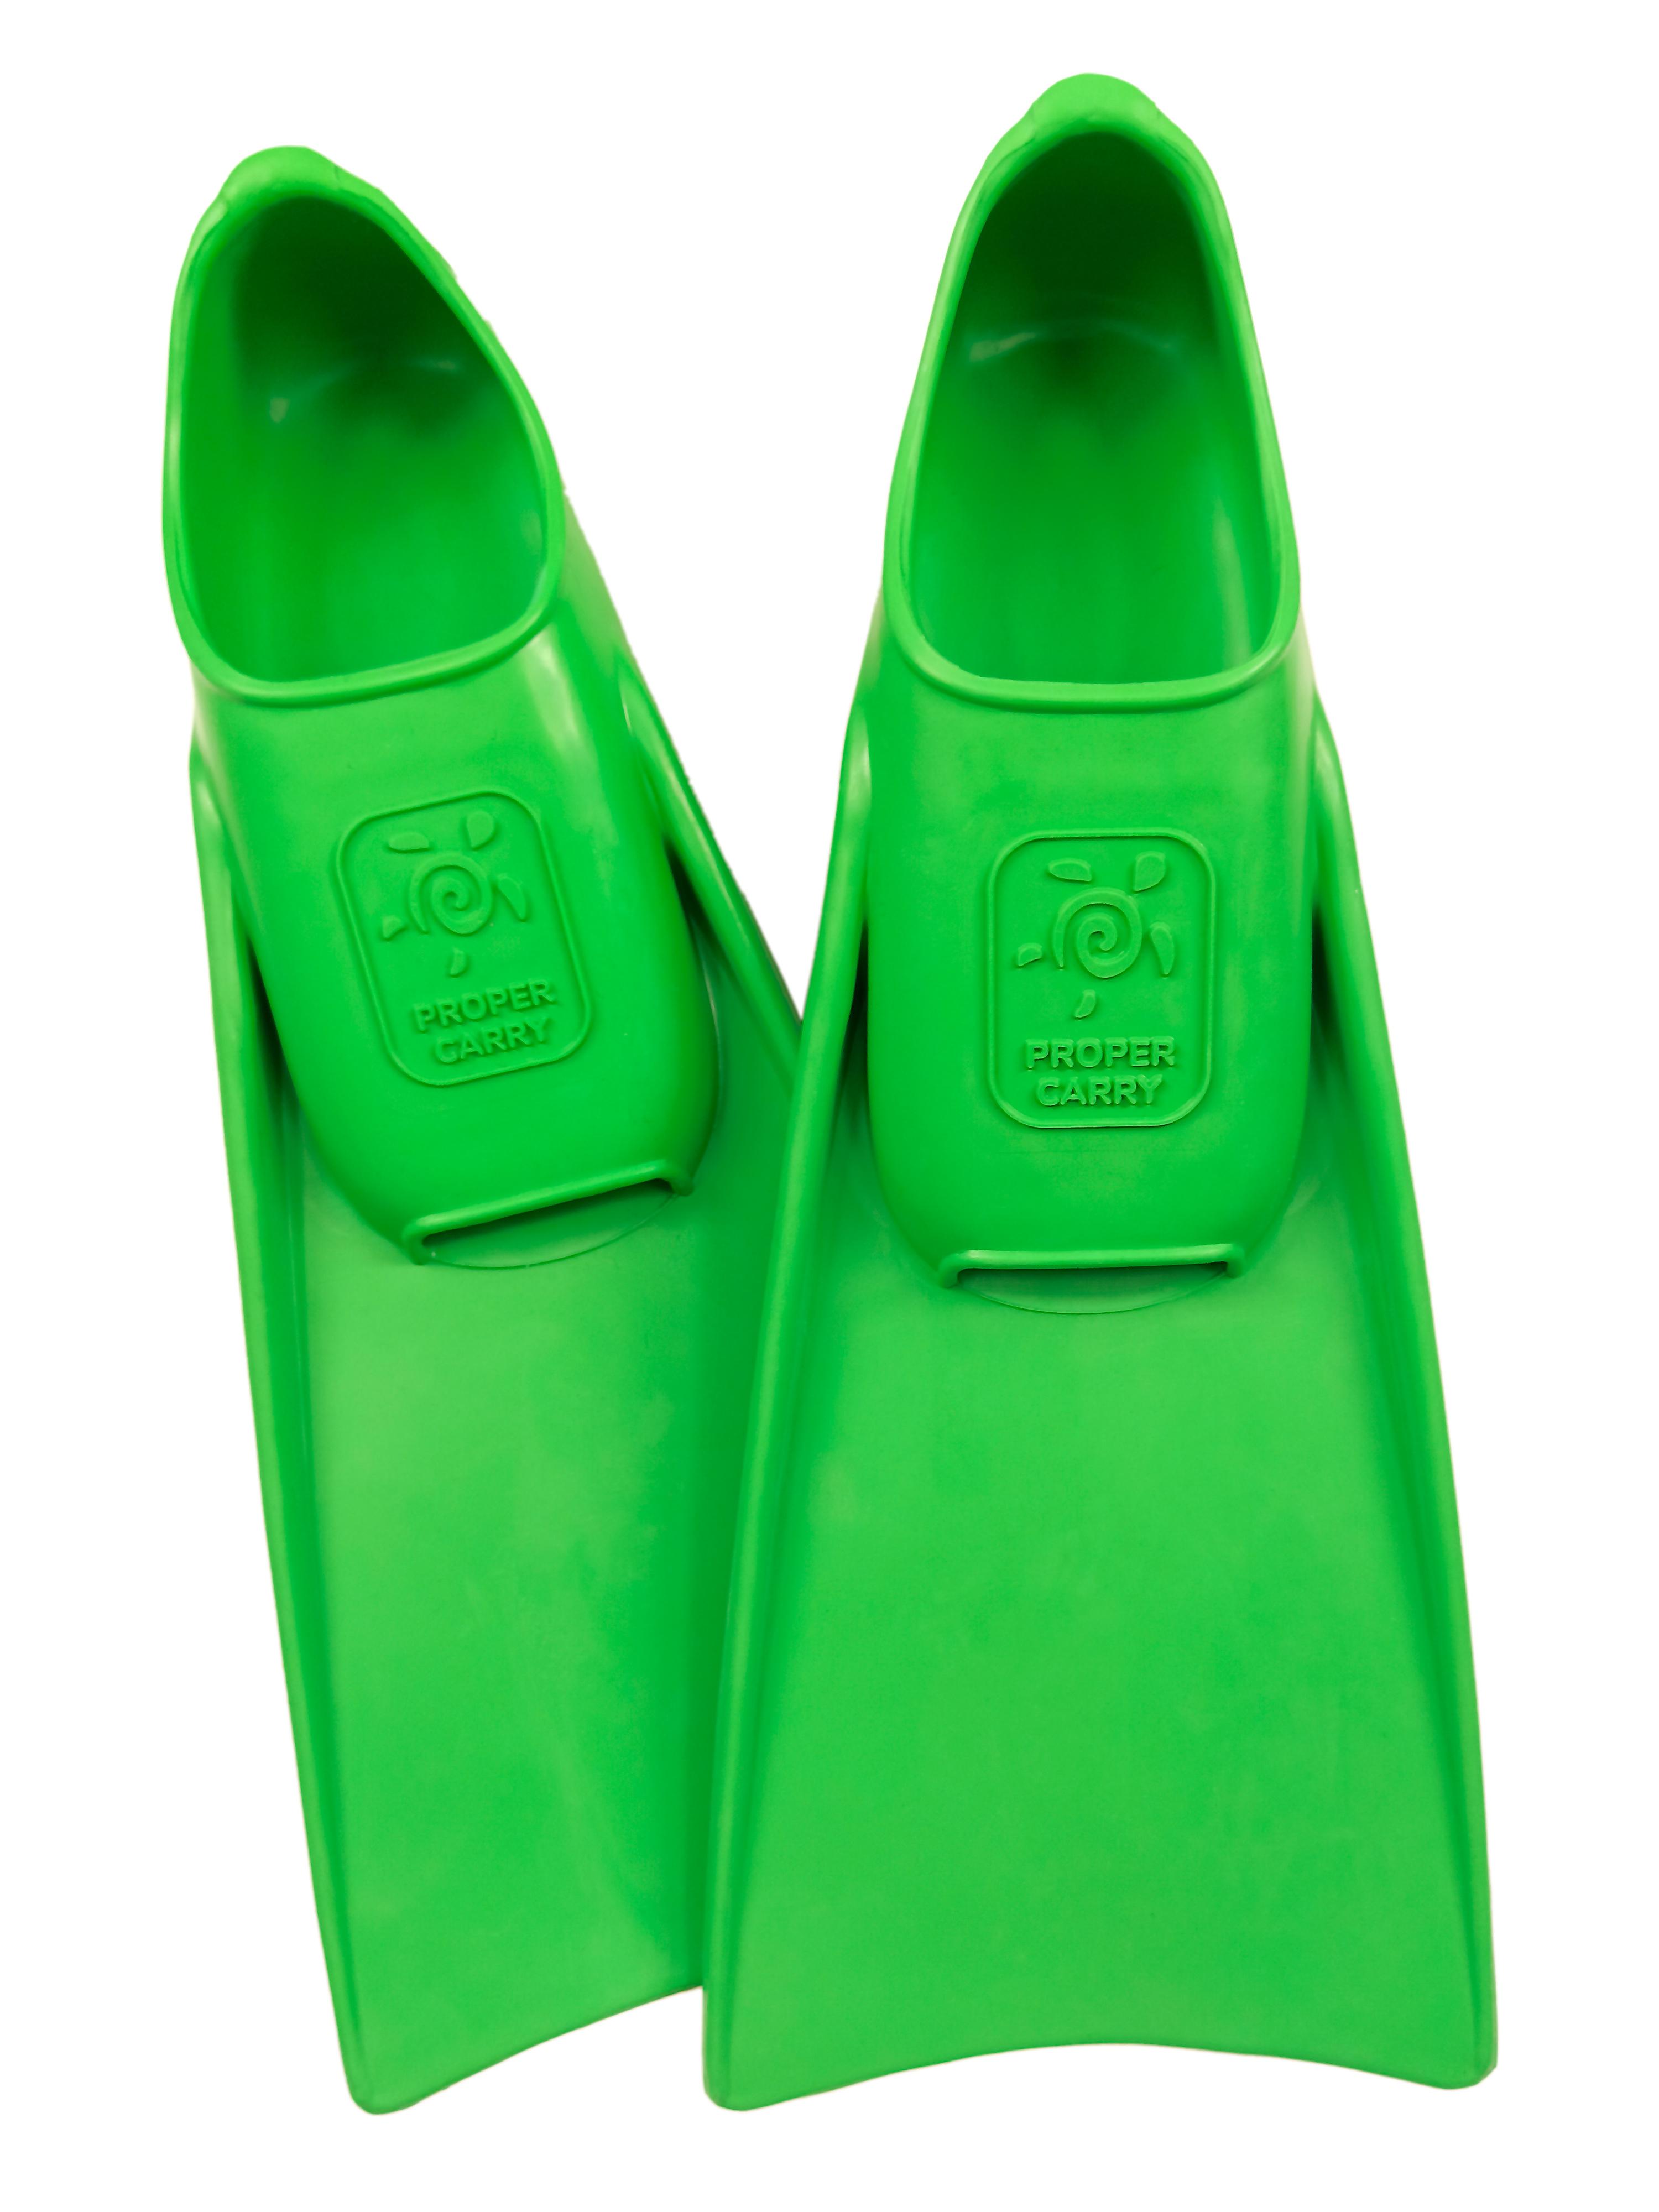 Грудничковые каучуковые ласты для плавания ProperCarry Super Elastic очень маленькие размеры 21-22, 23-24, 25-26, 27-28, 29-30, - фото 1